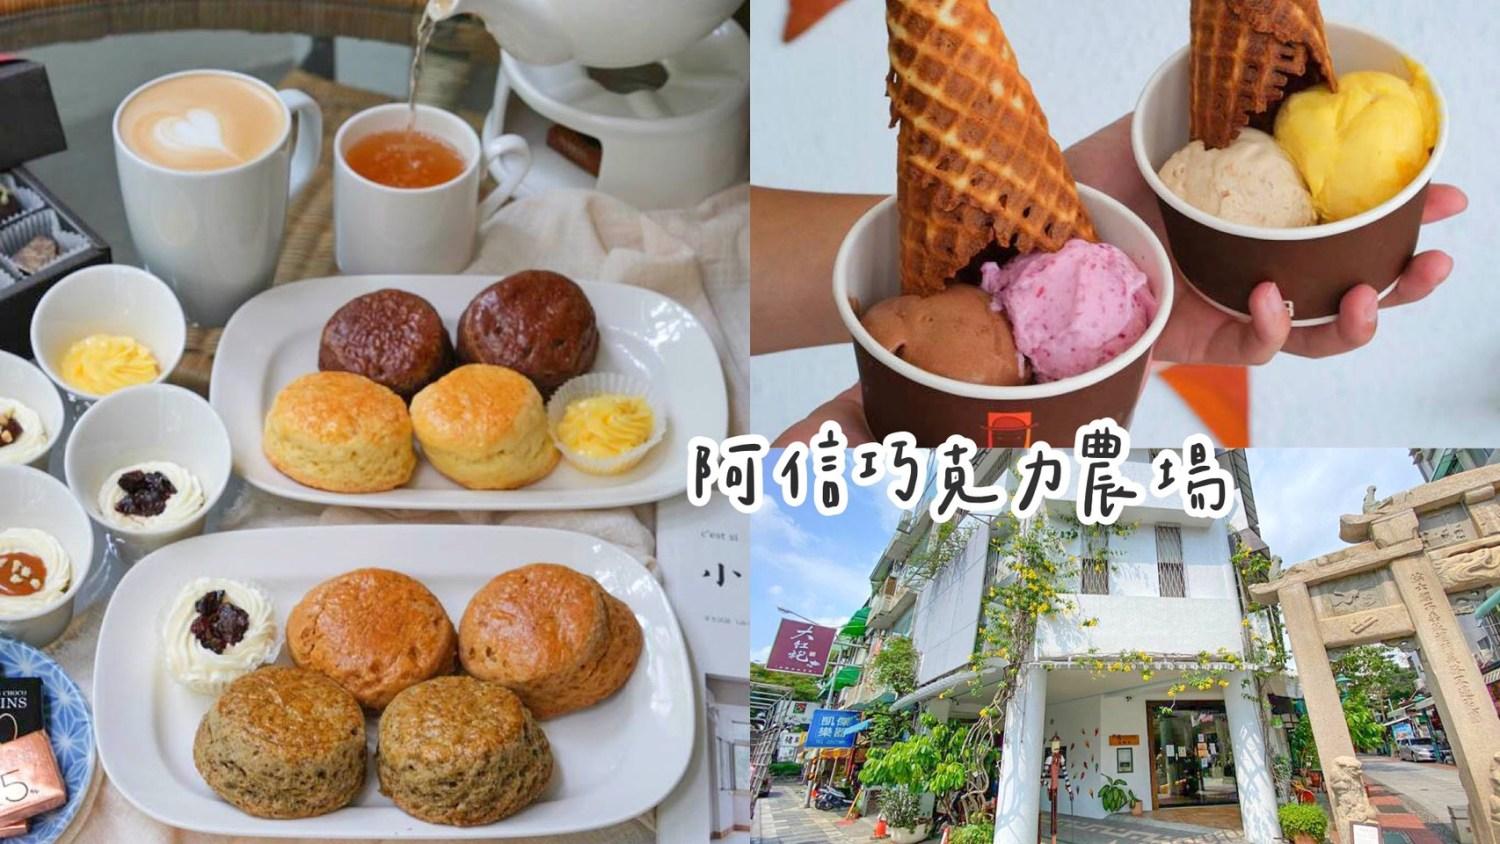 【台南下午茶】孔廟商圈冰淇淋下午茶『阿信巧克力農場台南店』推薦司康下午茶、義式冰淇淋、法式手工巧克力伴手禮!